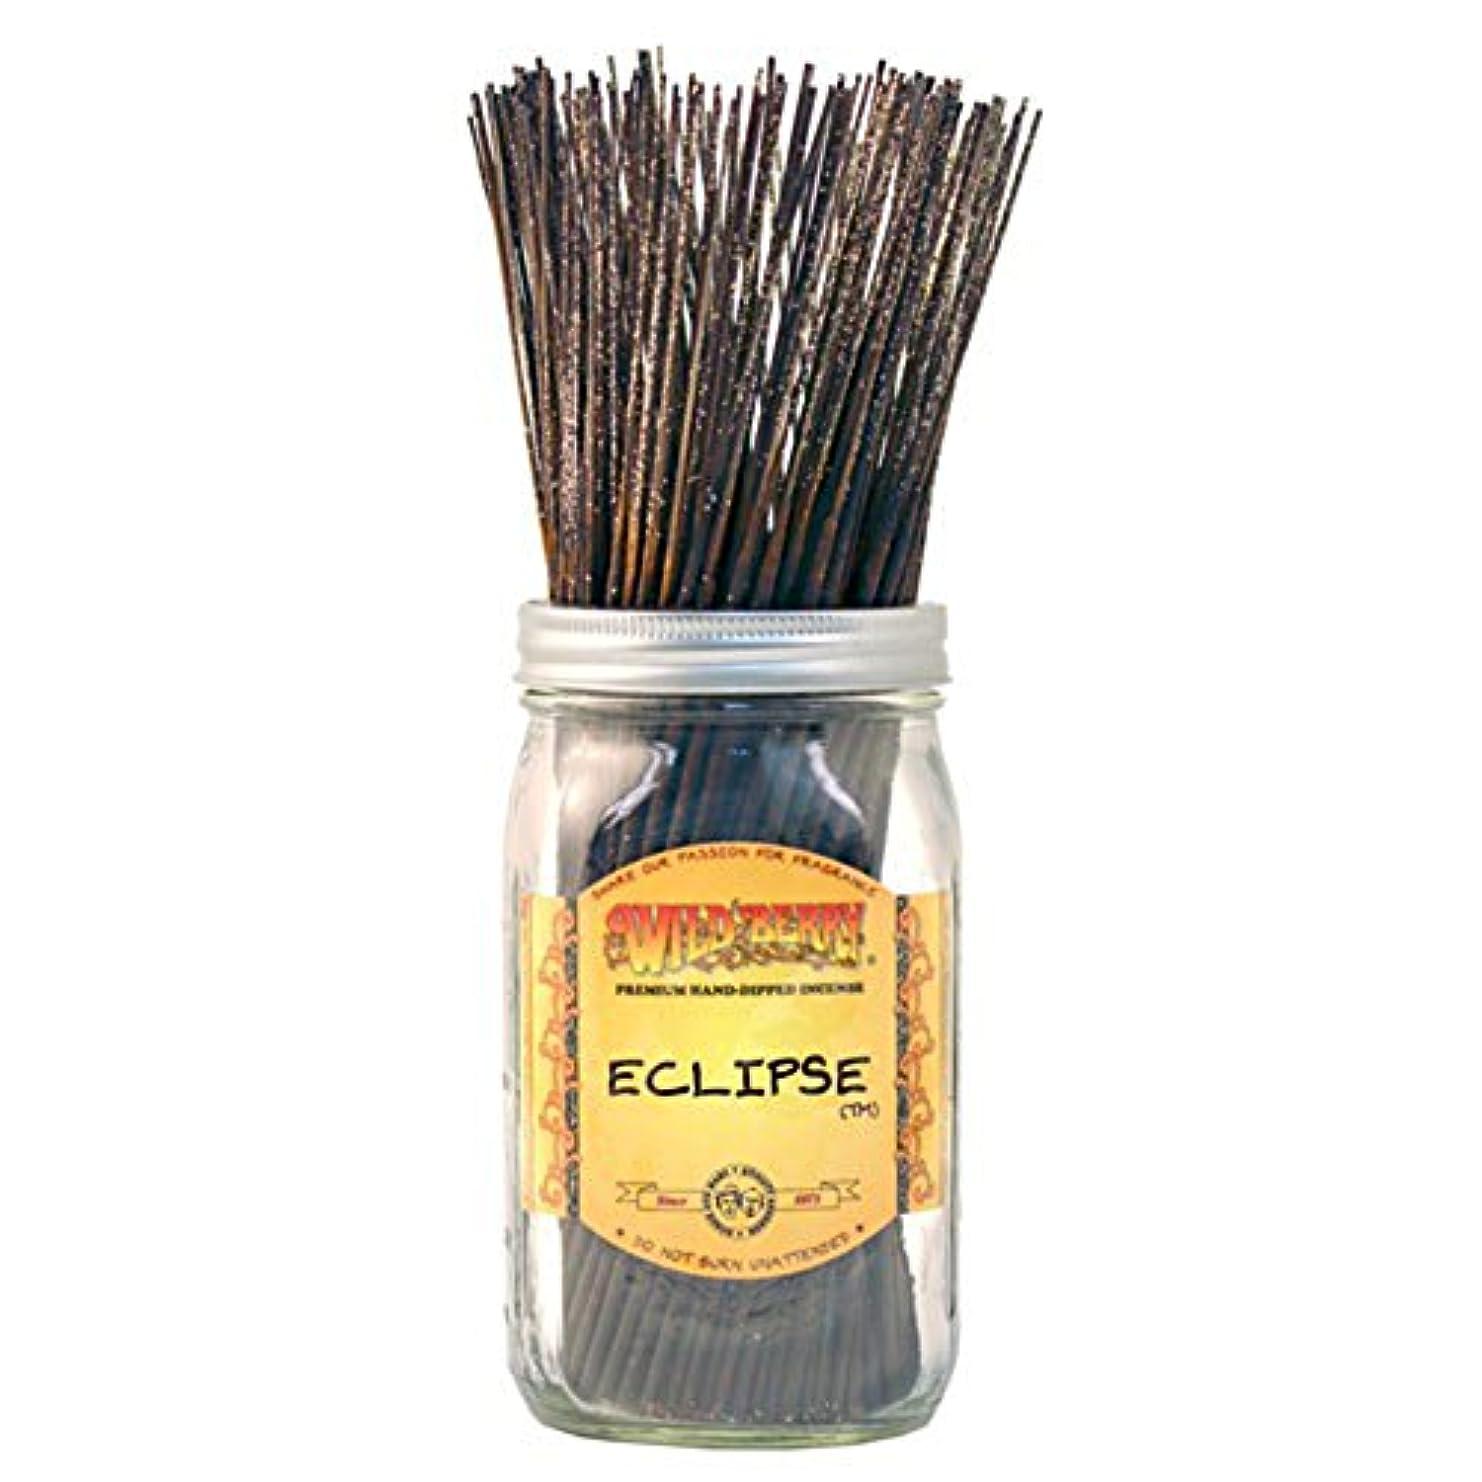 結晶アクティビティストライクWild Berry Eclipse, Highly Fragranced Incense Sticksバルクパック、100ピース、11インチ